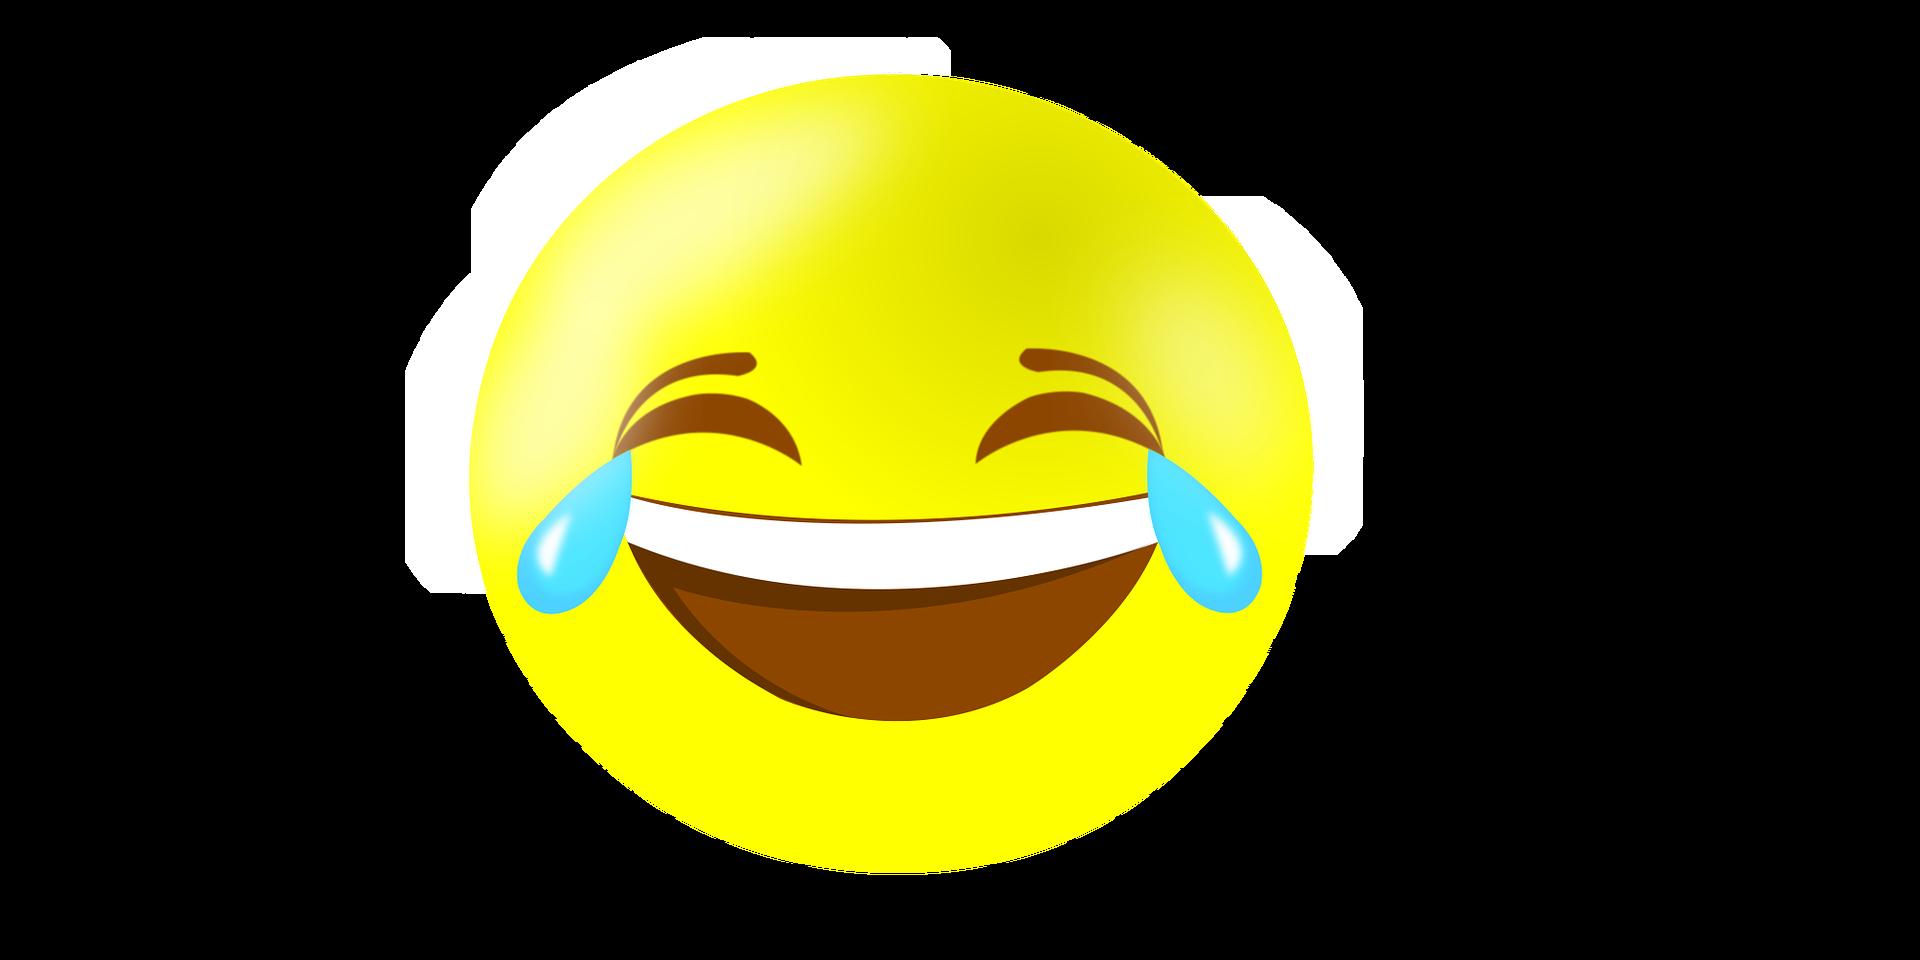 Problematische grappen doen meer dan kwetsen